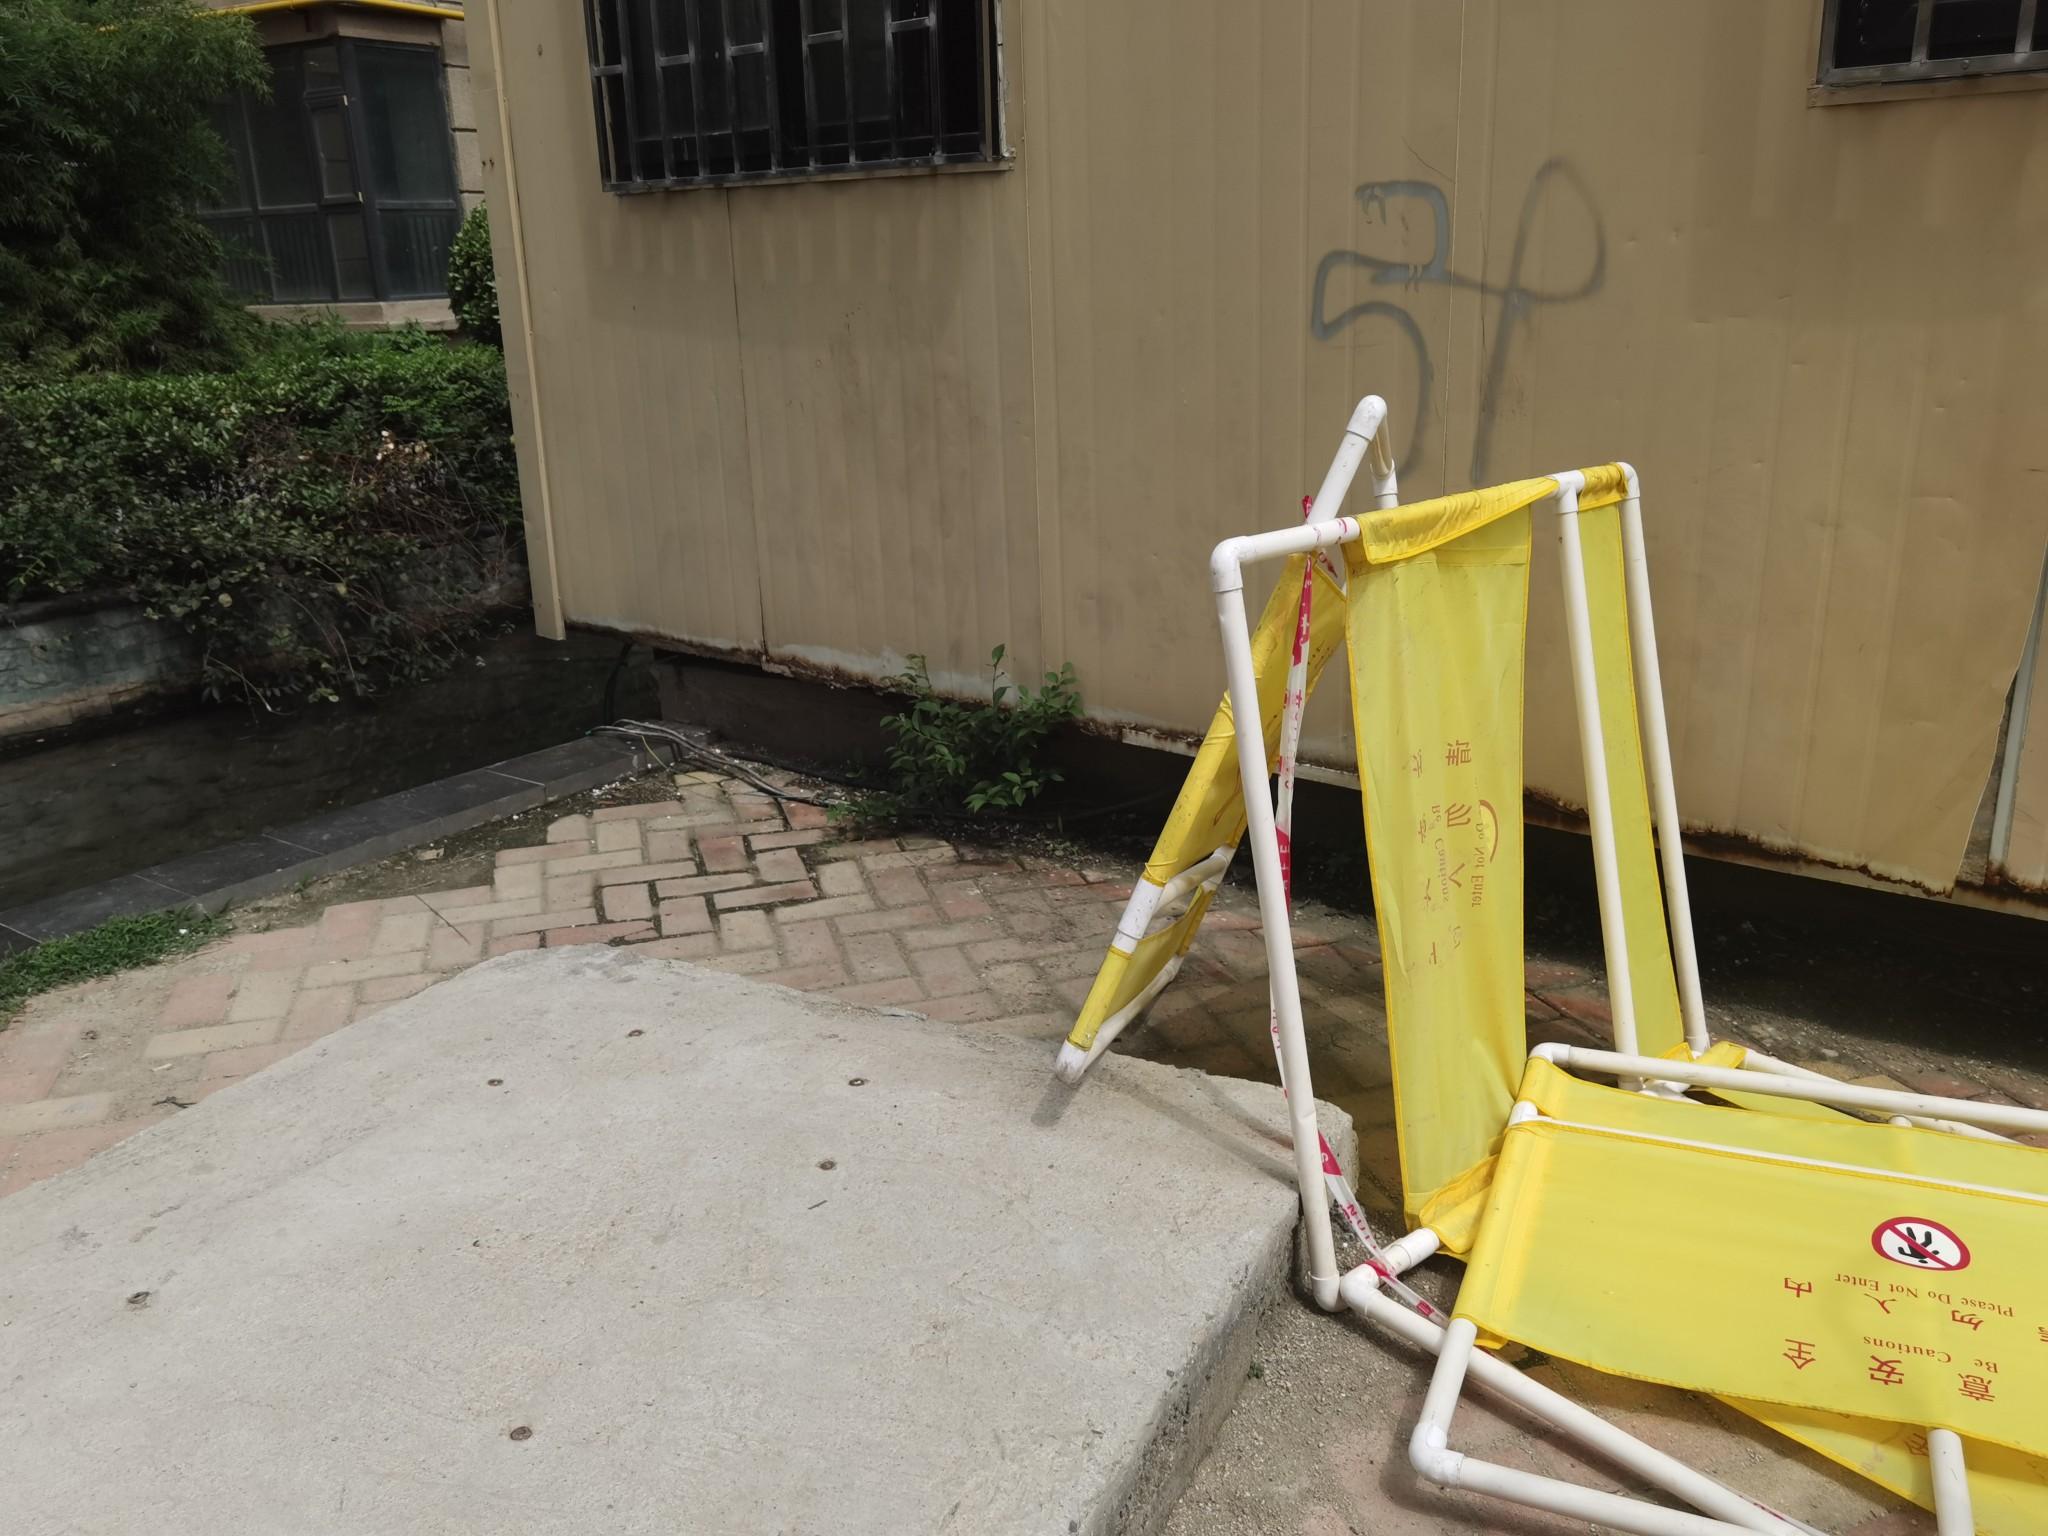 郑州8岁男童在金蓝湾小区景观池旁触电身亡 事发5天肇事裸露电线还在